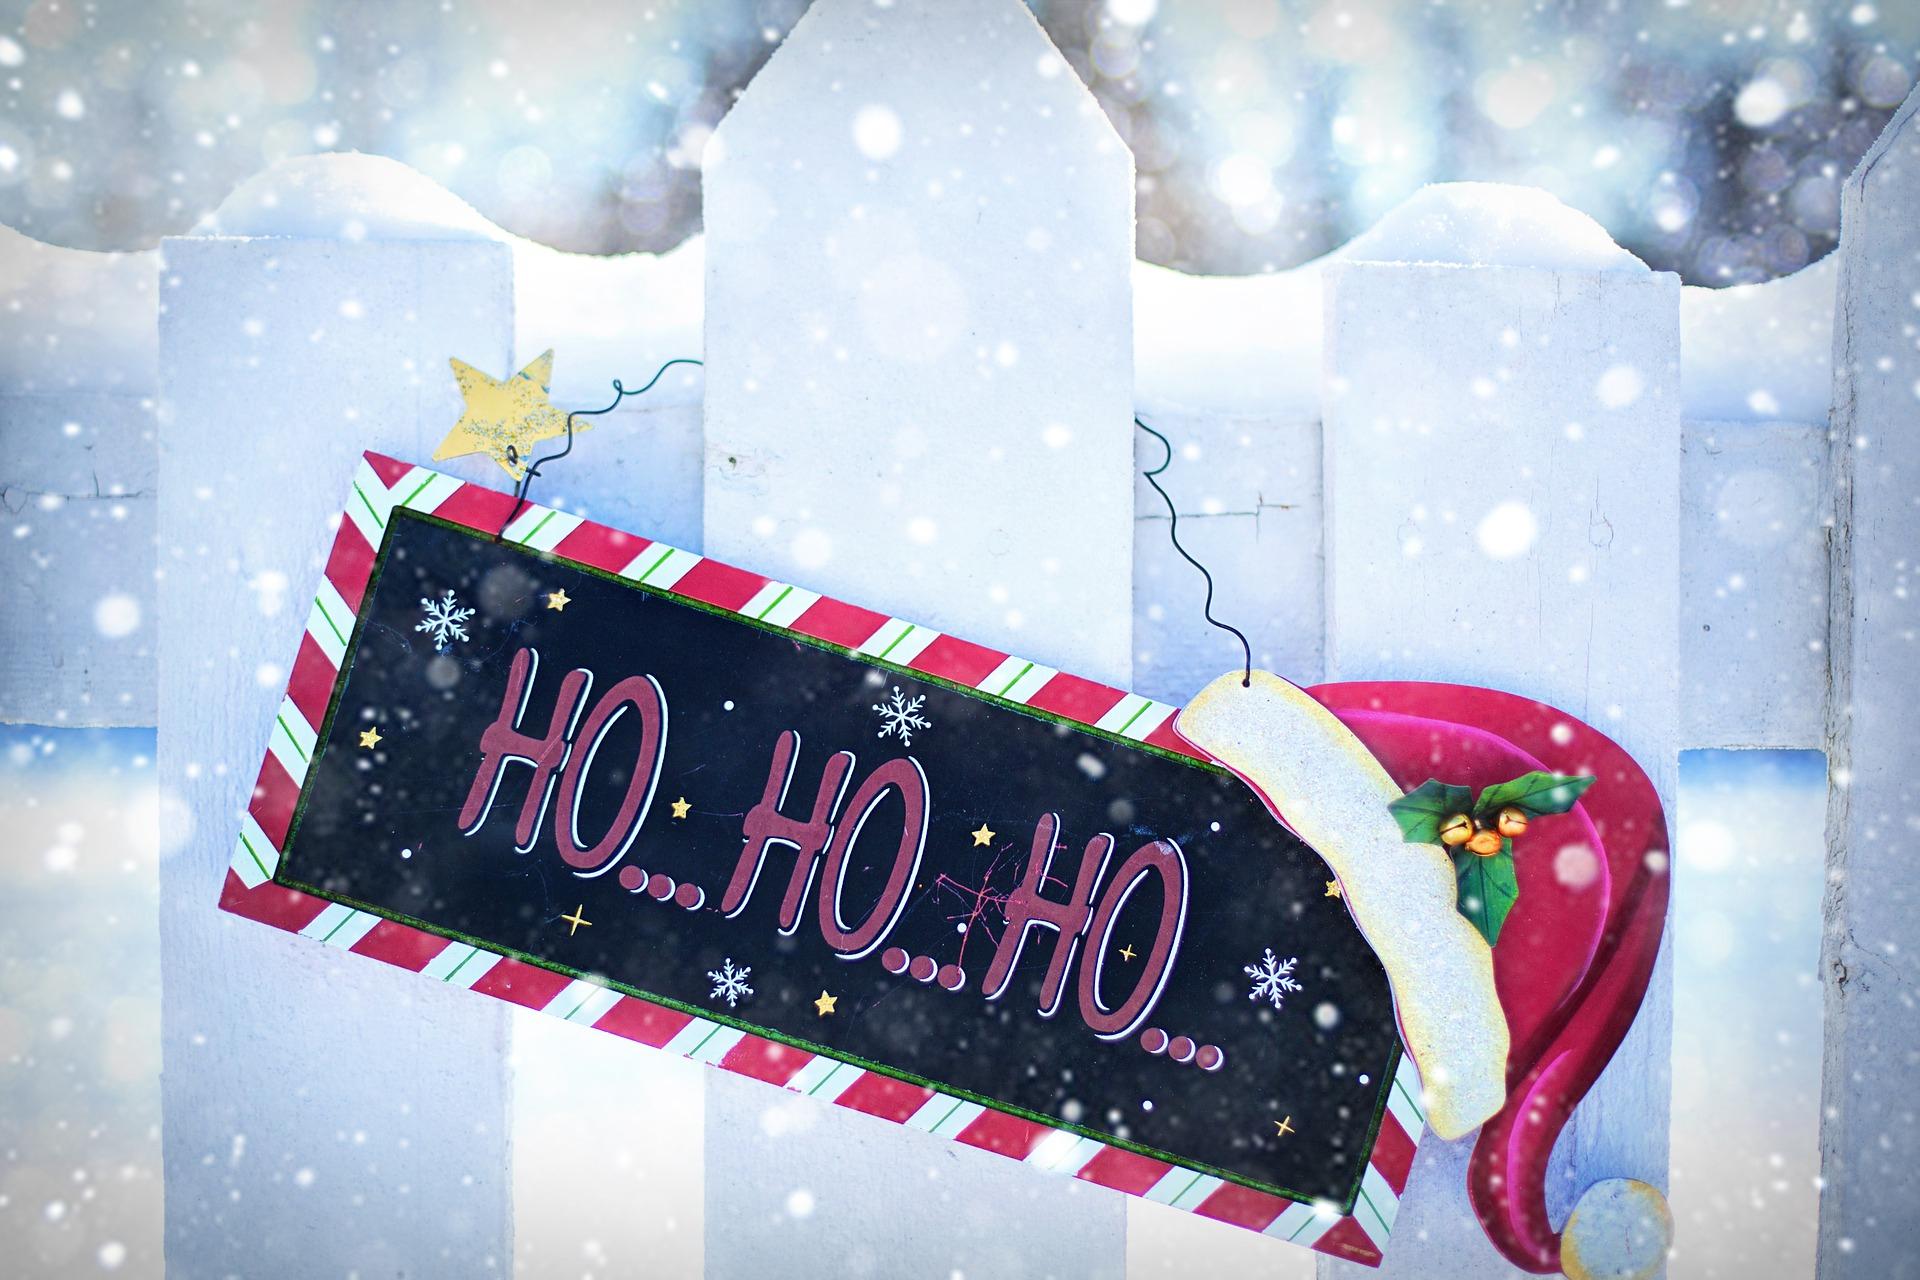 Weihnachtsgrußkarten Kostenlos Zum Herunterladen mit Weihnachtsvordrucke Kostenlos